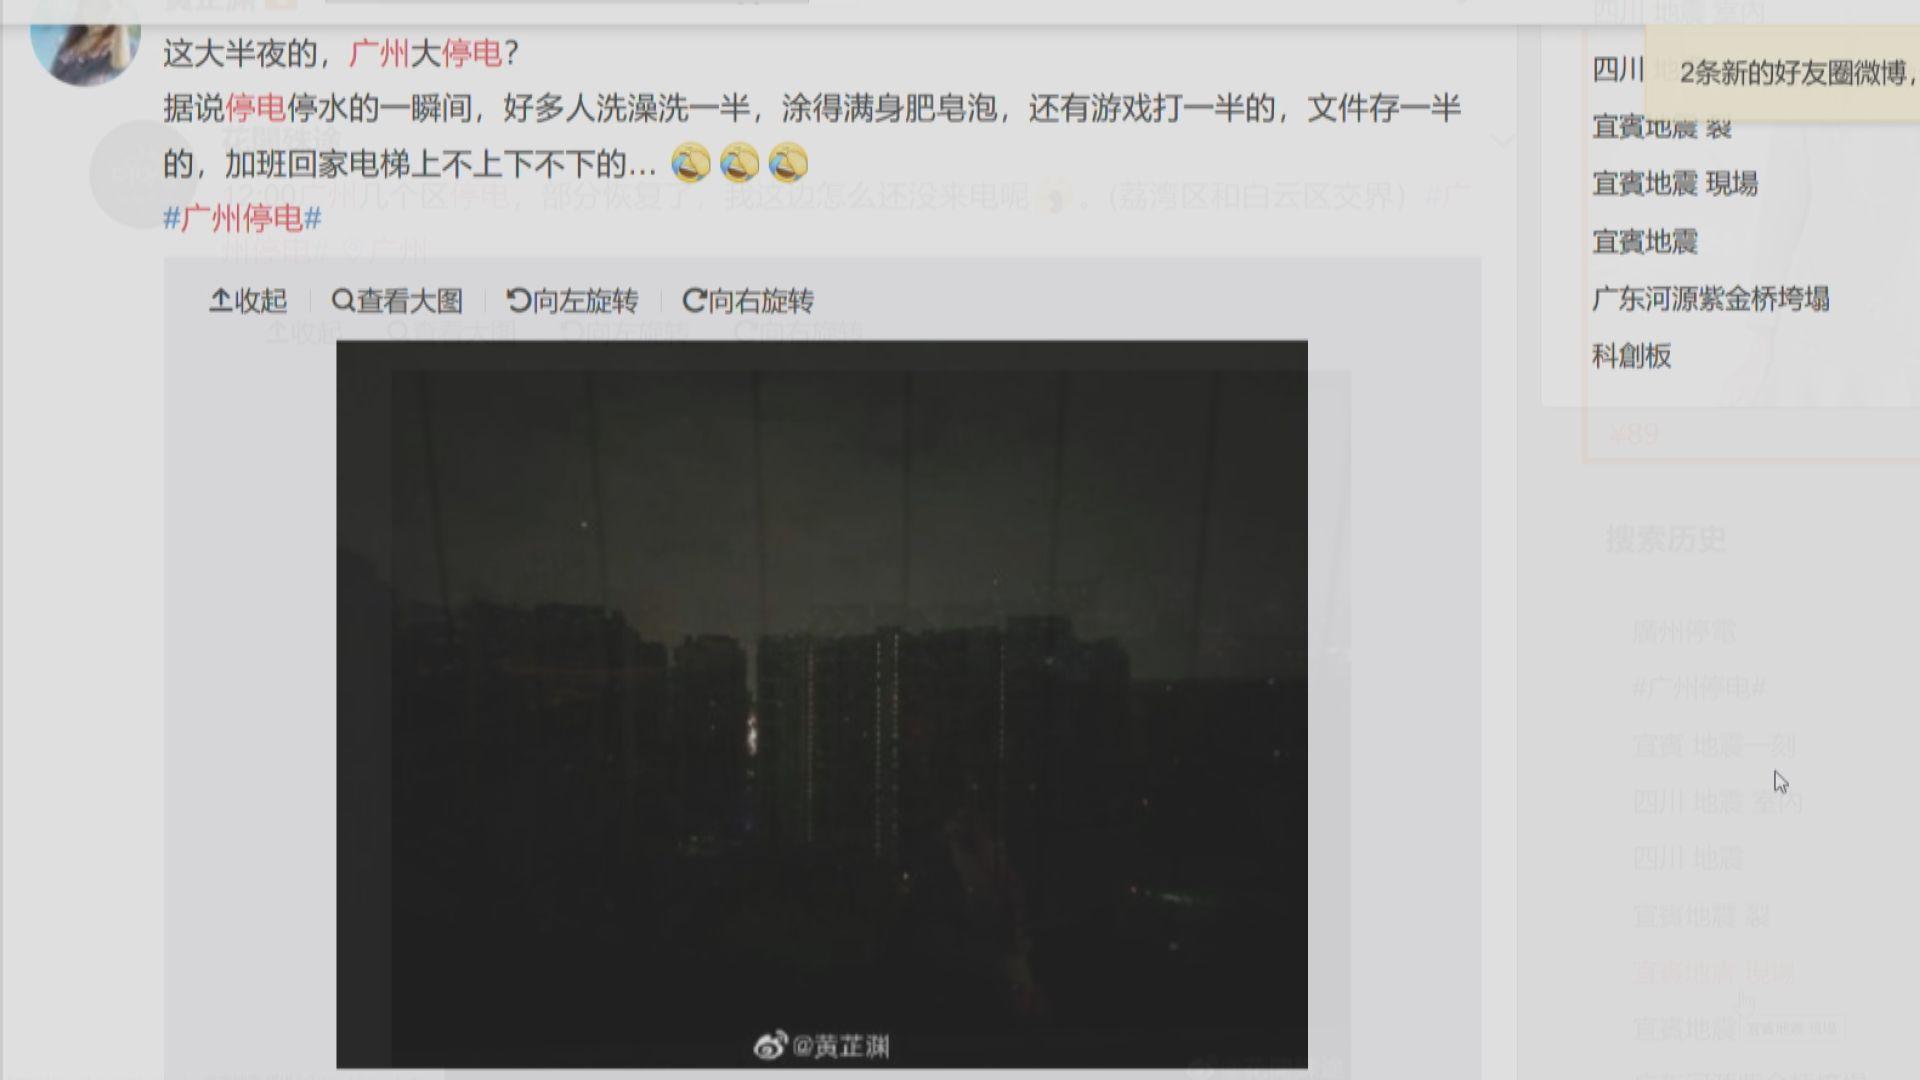 廣州多個小區凌晨停電 供電局指是設備故障